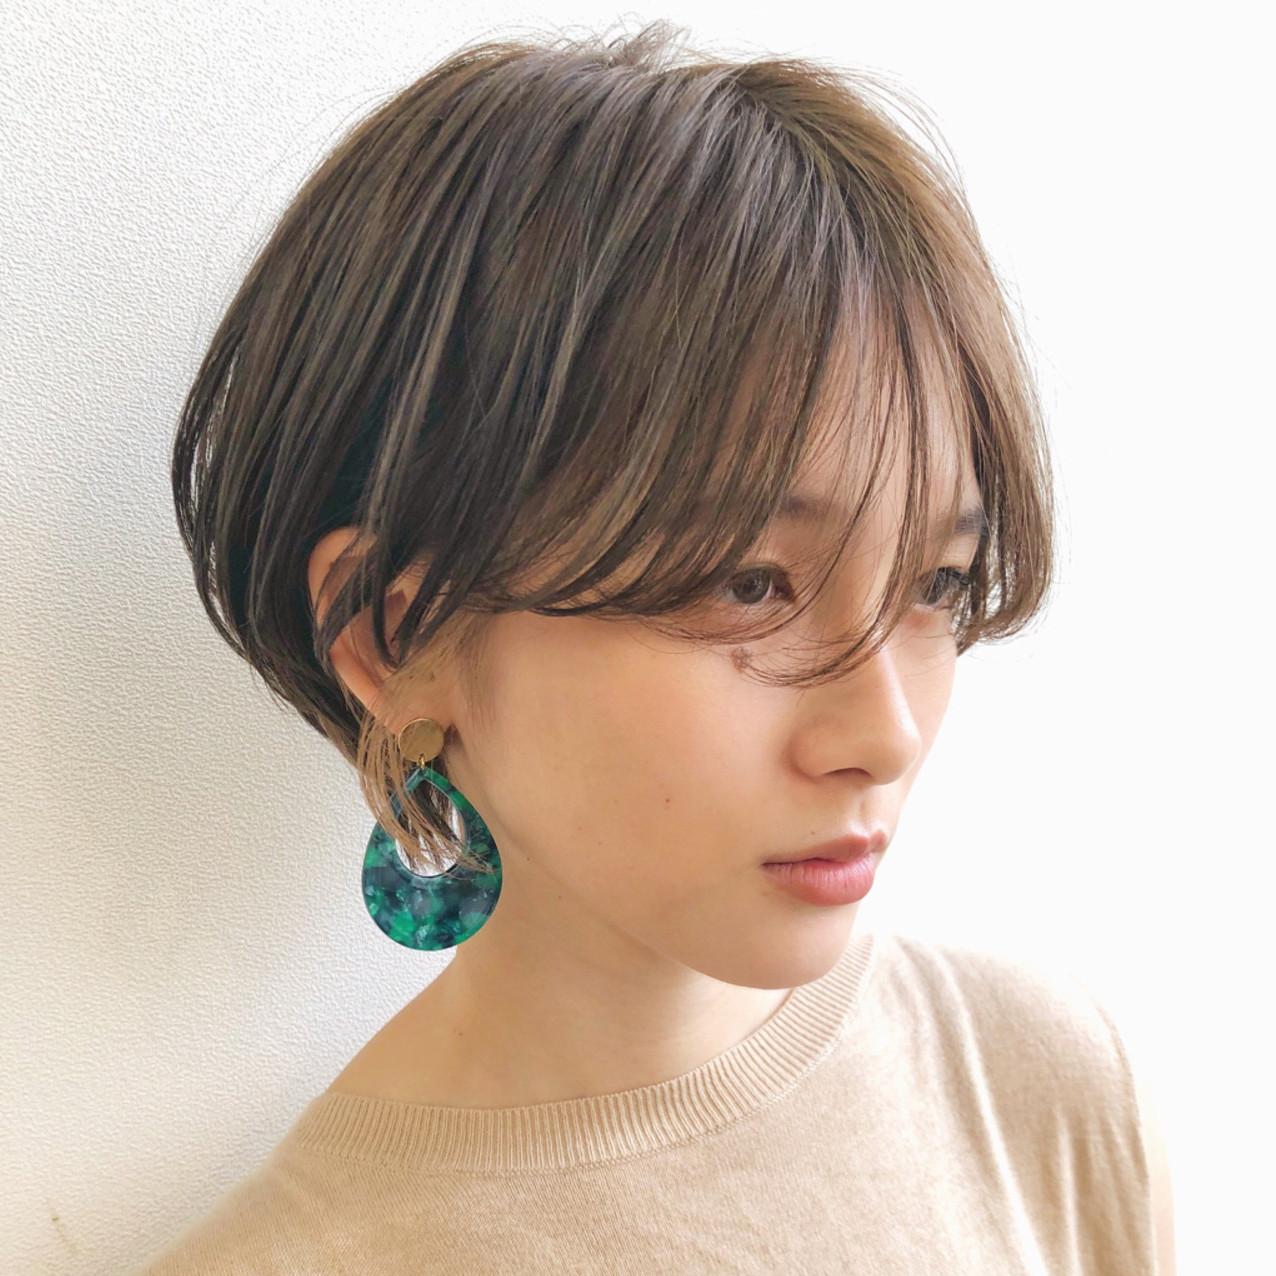 ショートヘアさんの耳寄り情報♡前髪あり・なし別トレンドバング18選